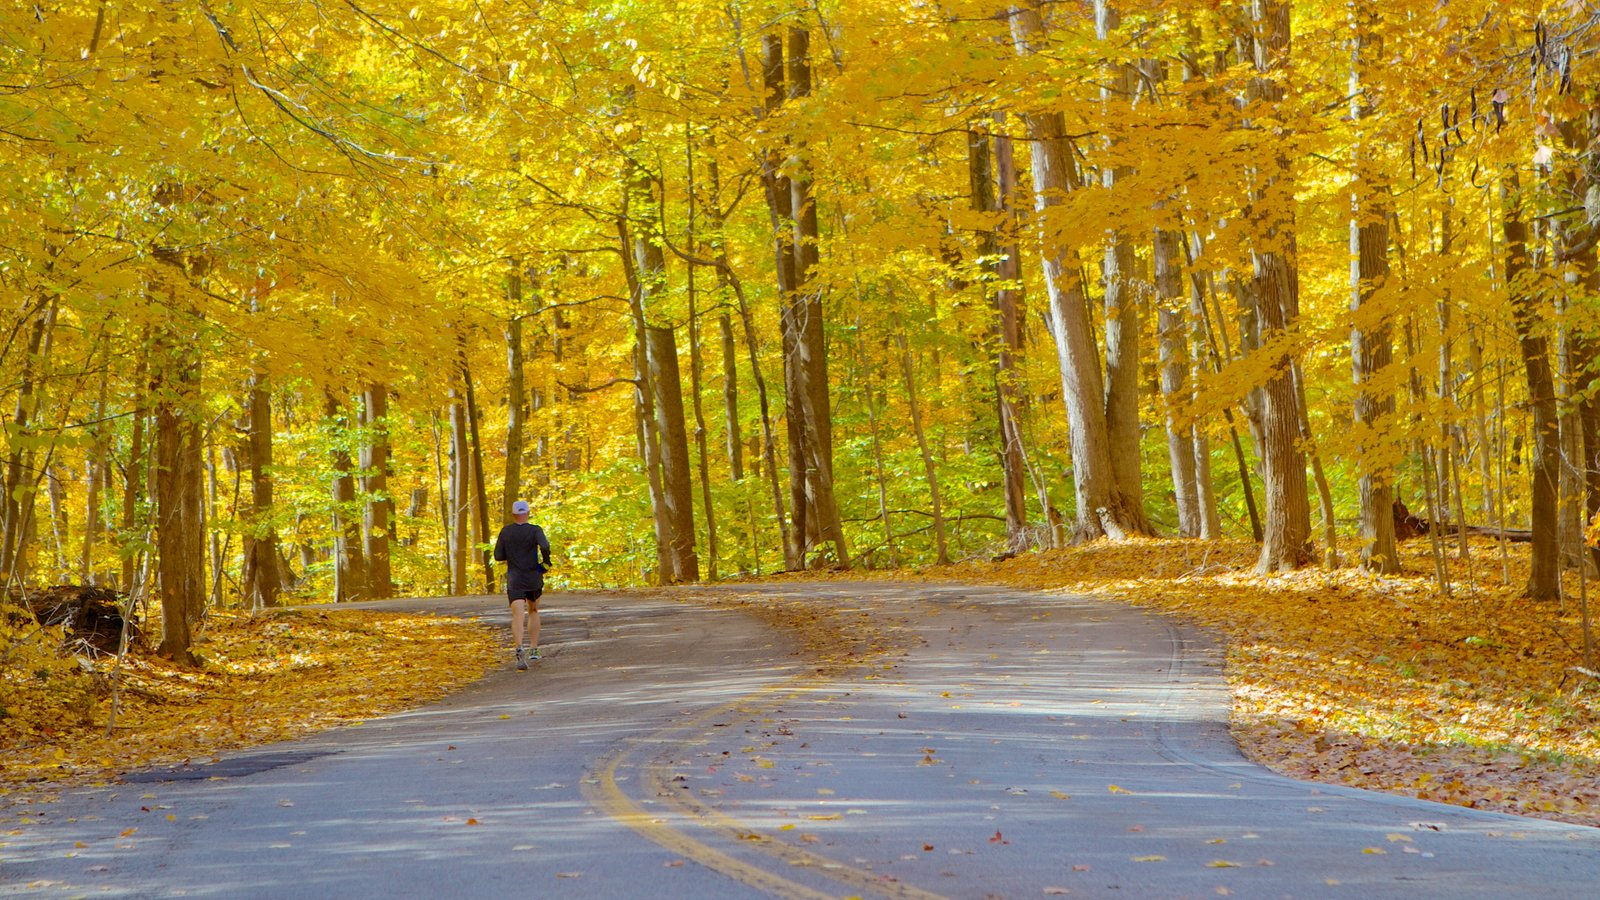 Eagle Creek Park ofreciendo un jardín, hojas de otoño y senderismo o caminata